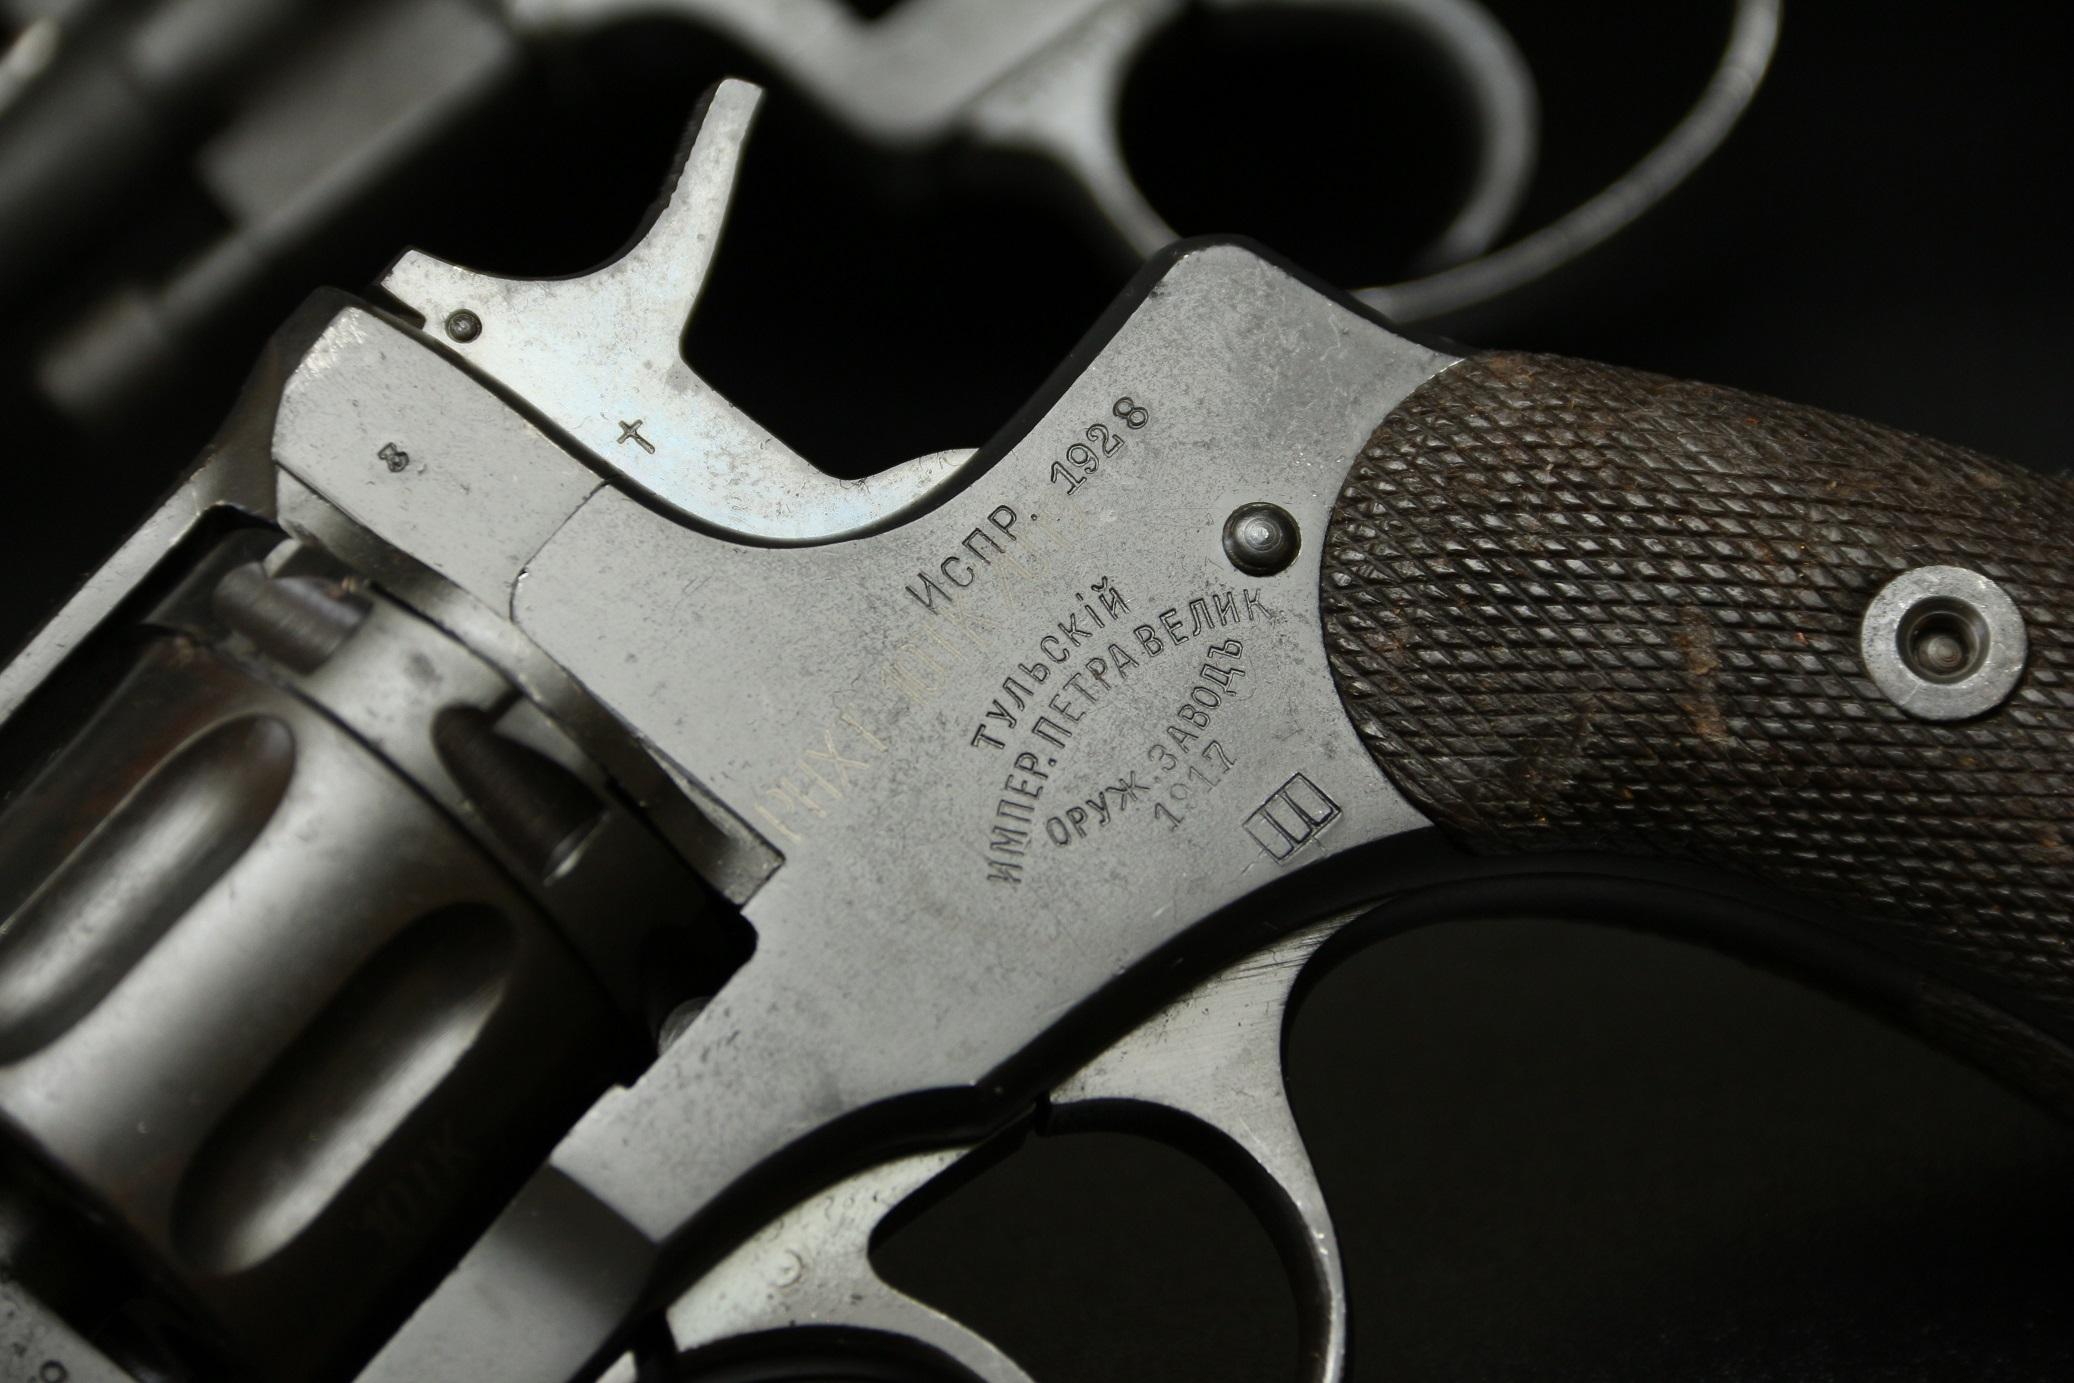 Охолощенный револьвер Наган 1917 года №42826, революция, интересный